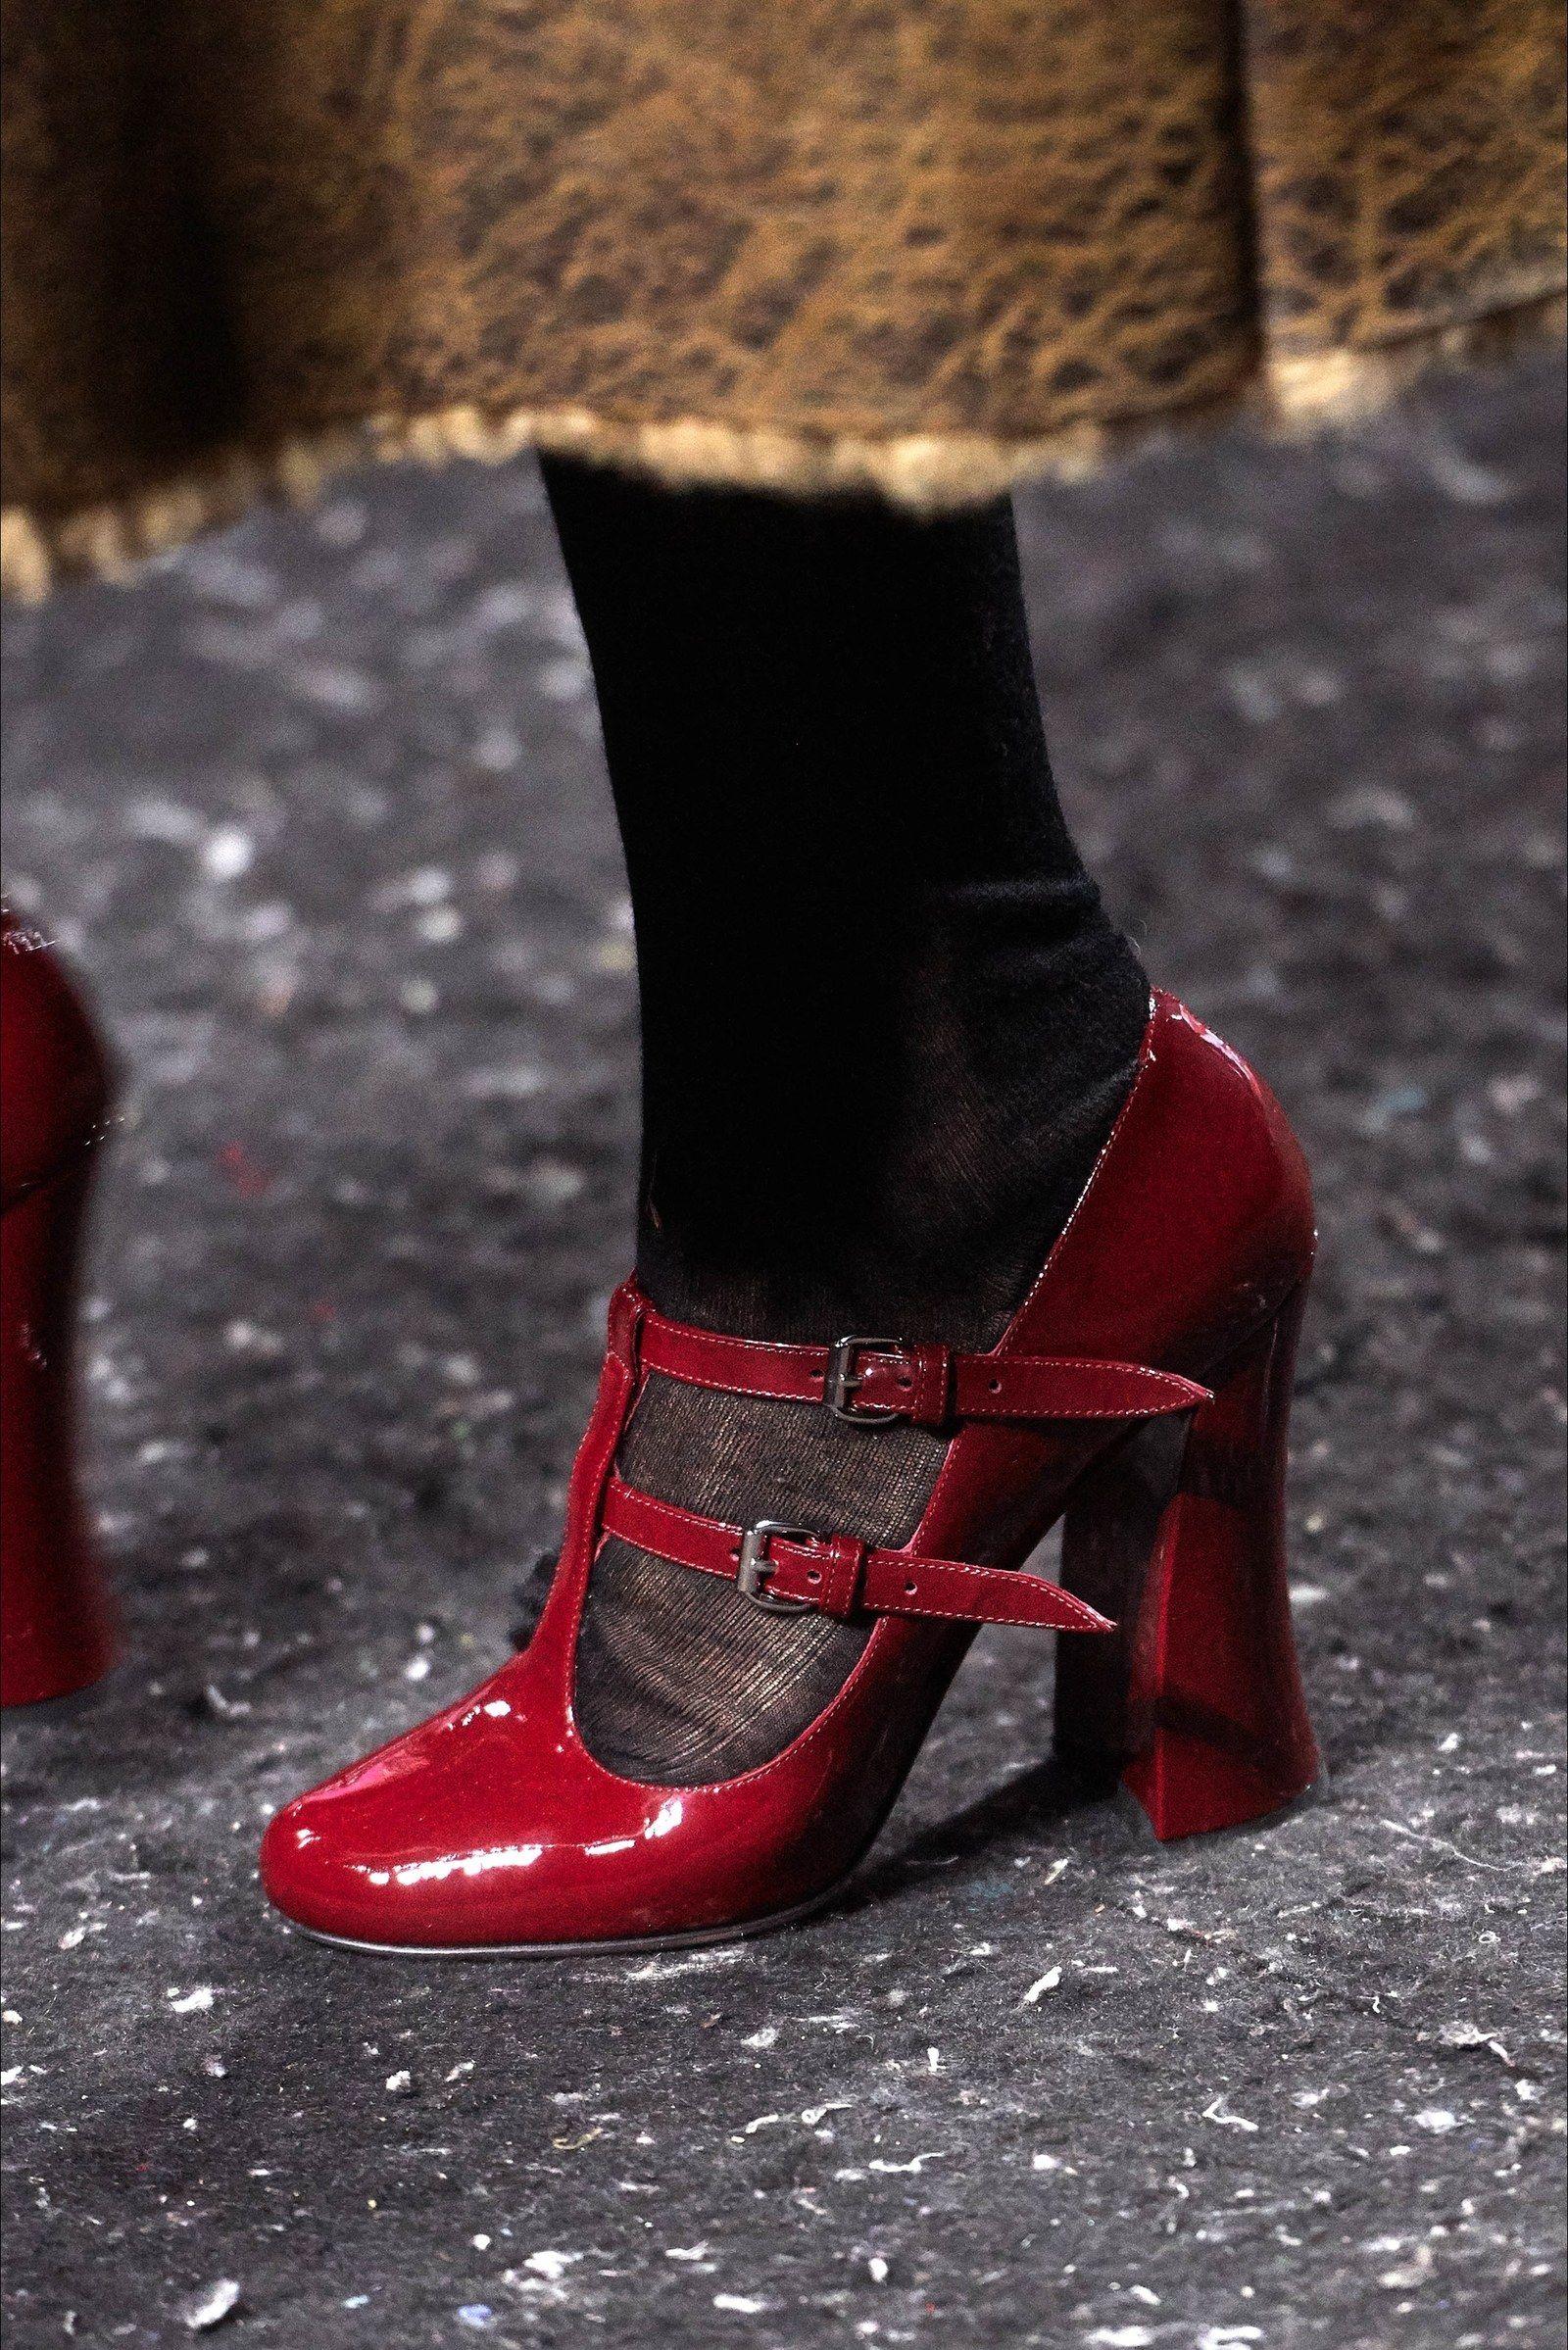 Scarpe moda Autunno Inverno 2019 2020: i modelli must have